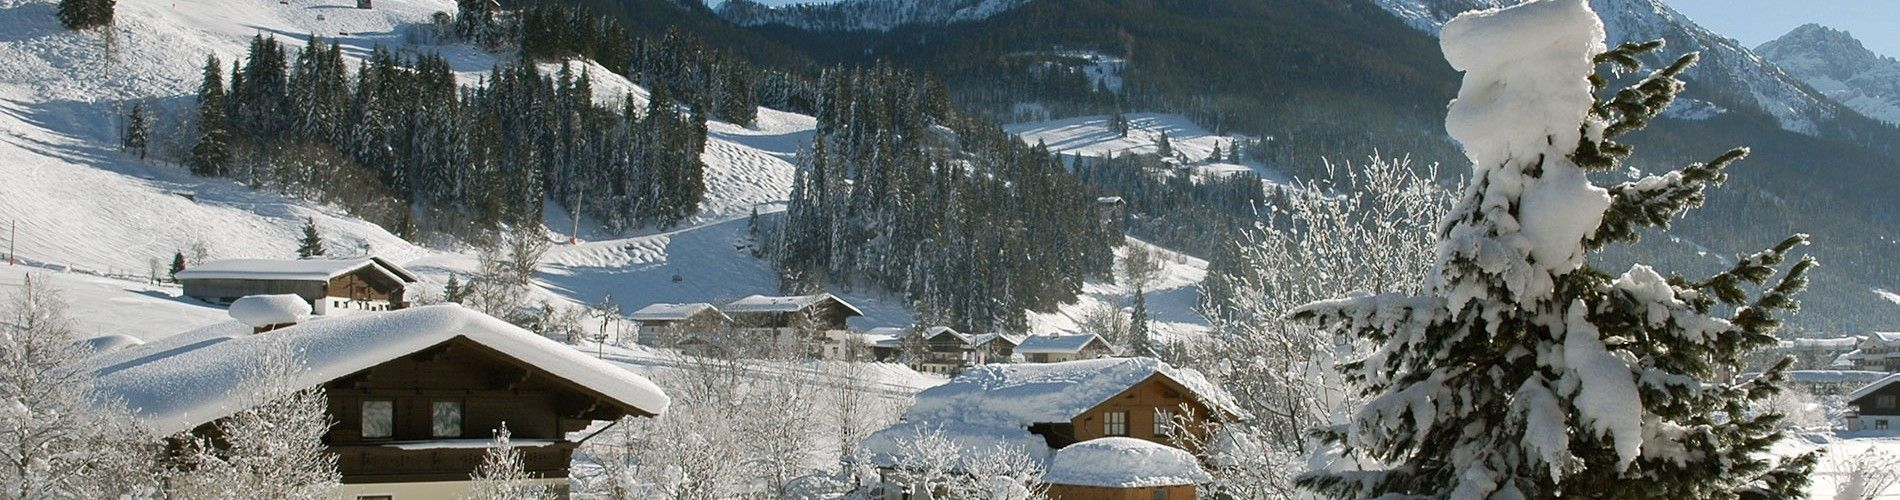 Kleinarl im Winter